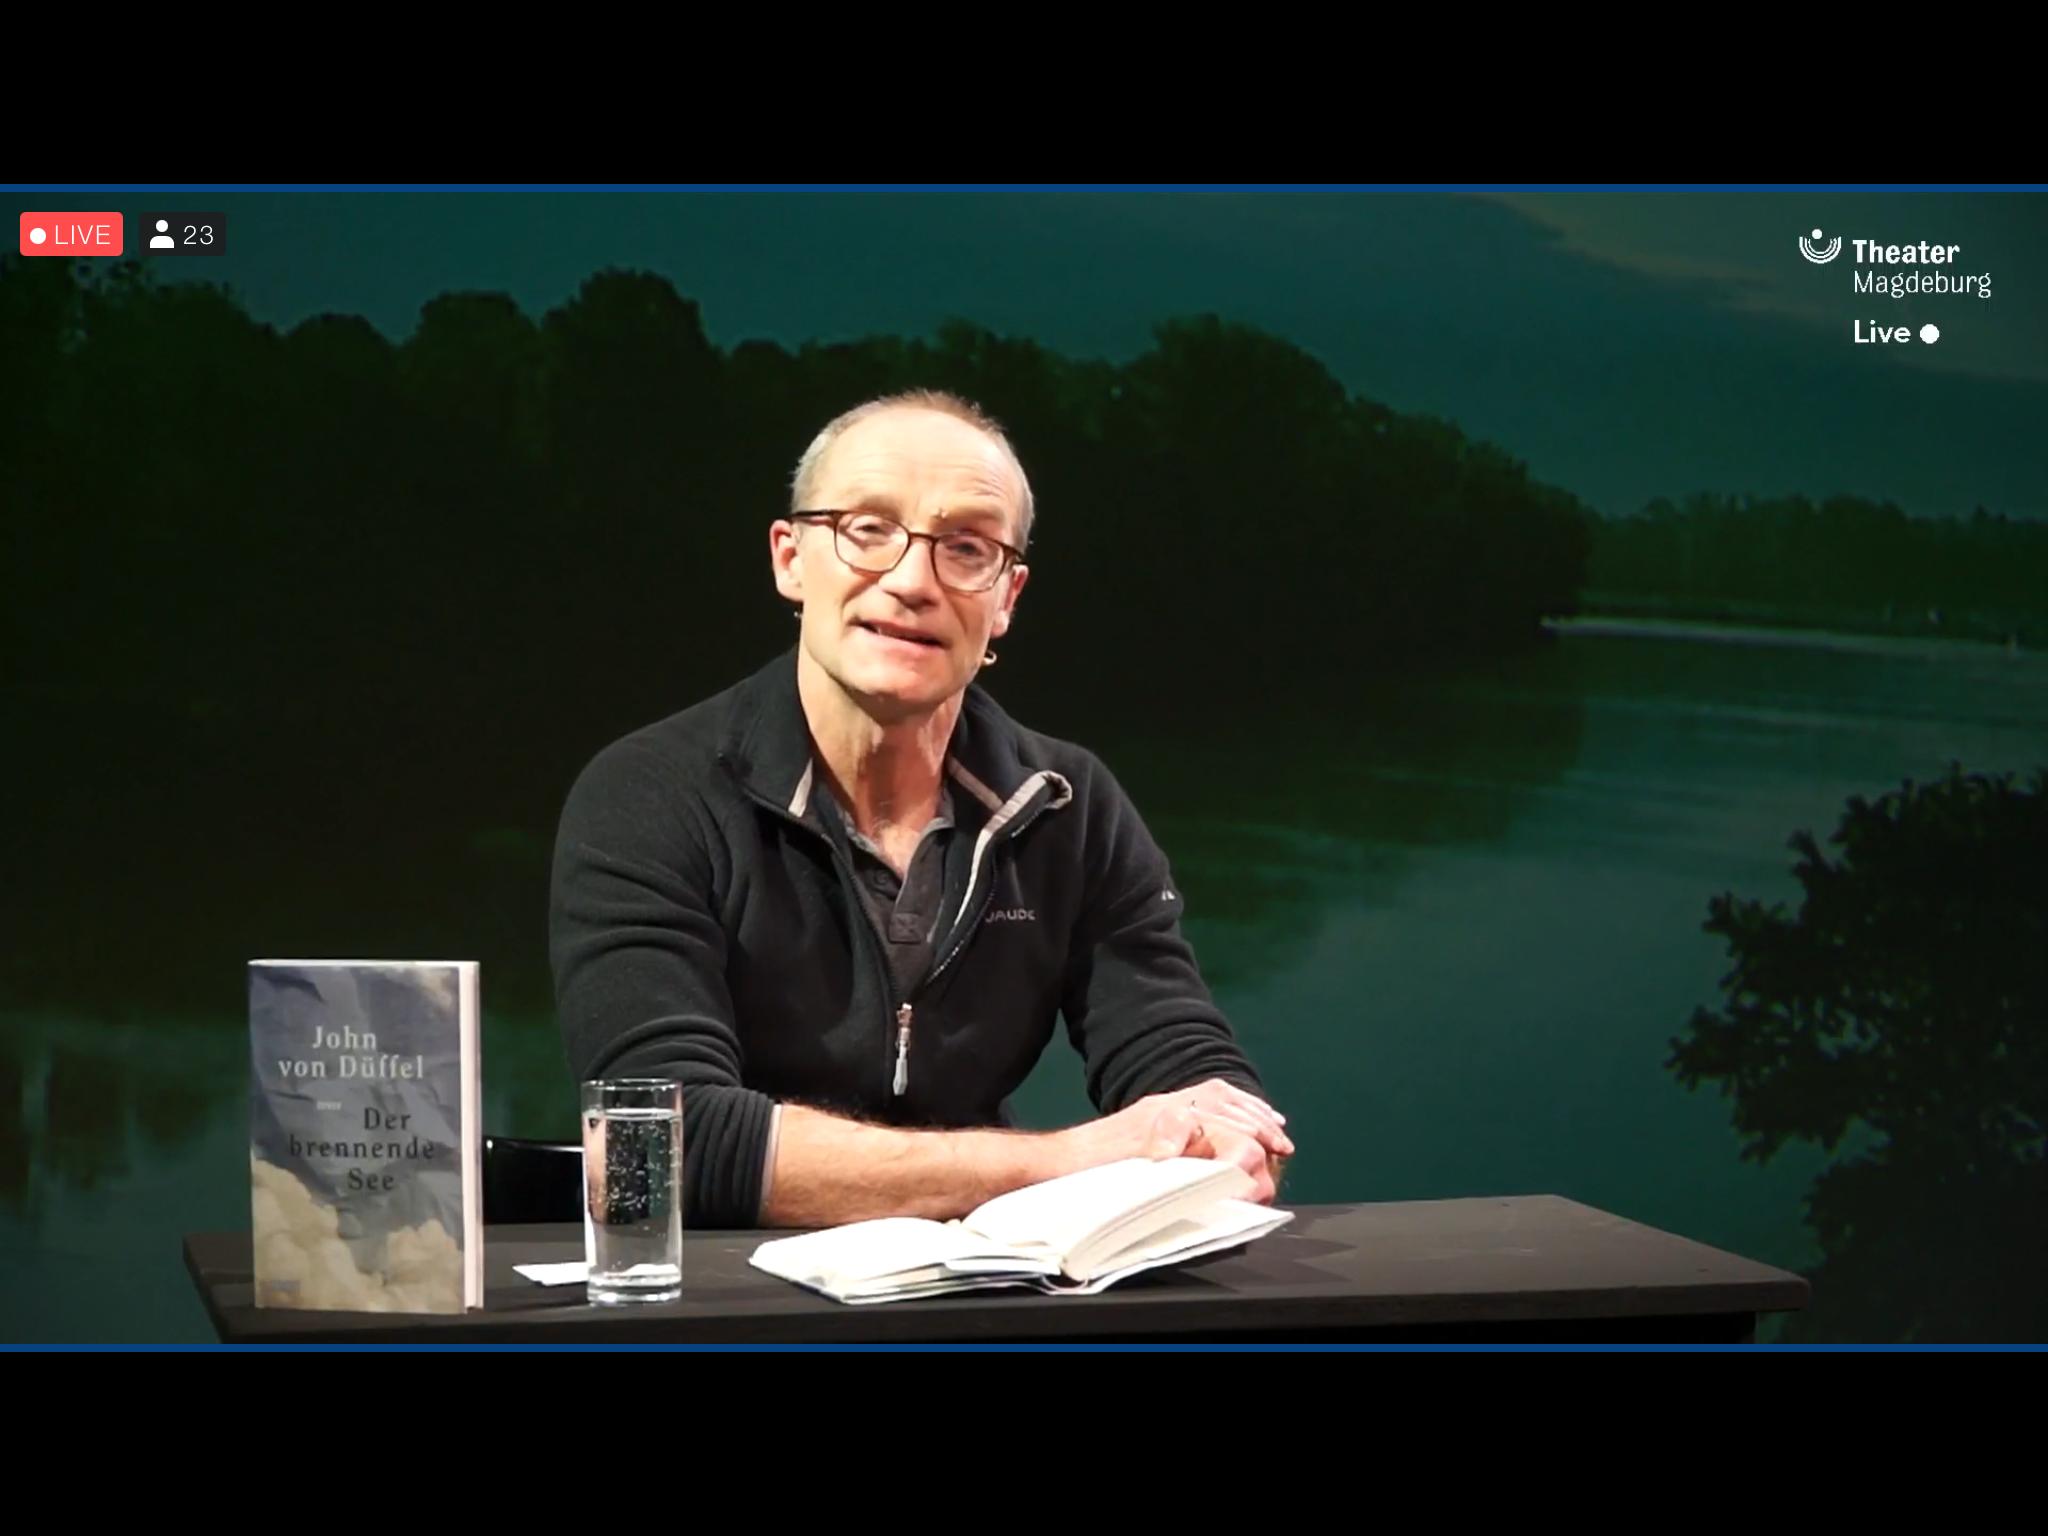 John von Düffel – Der brennende See